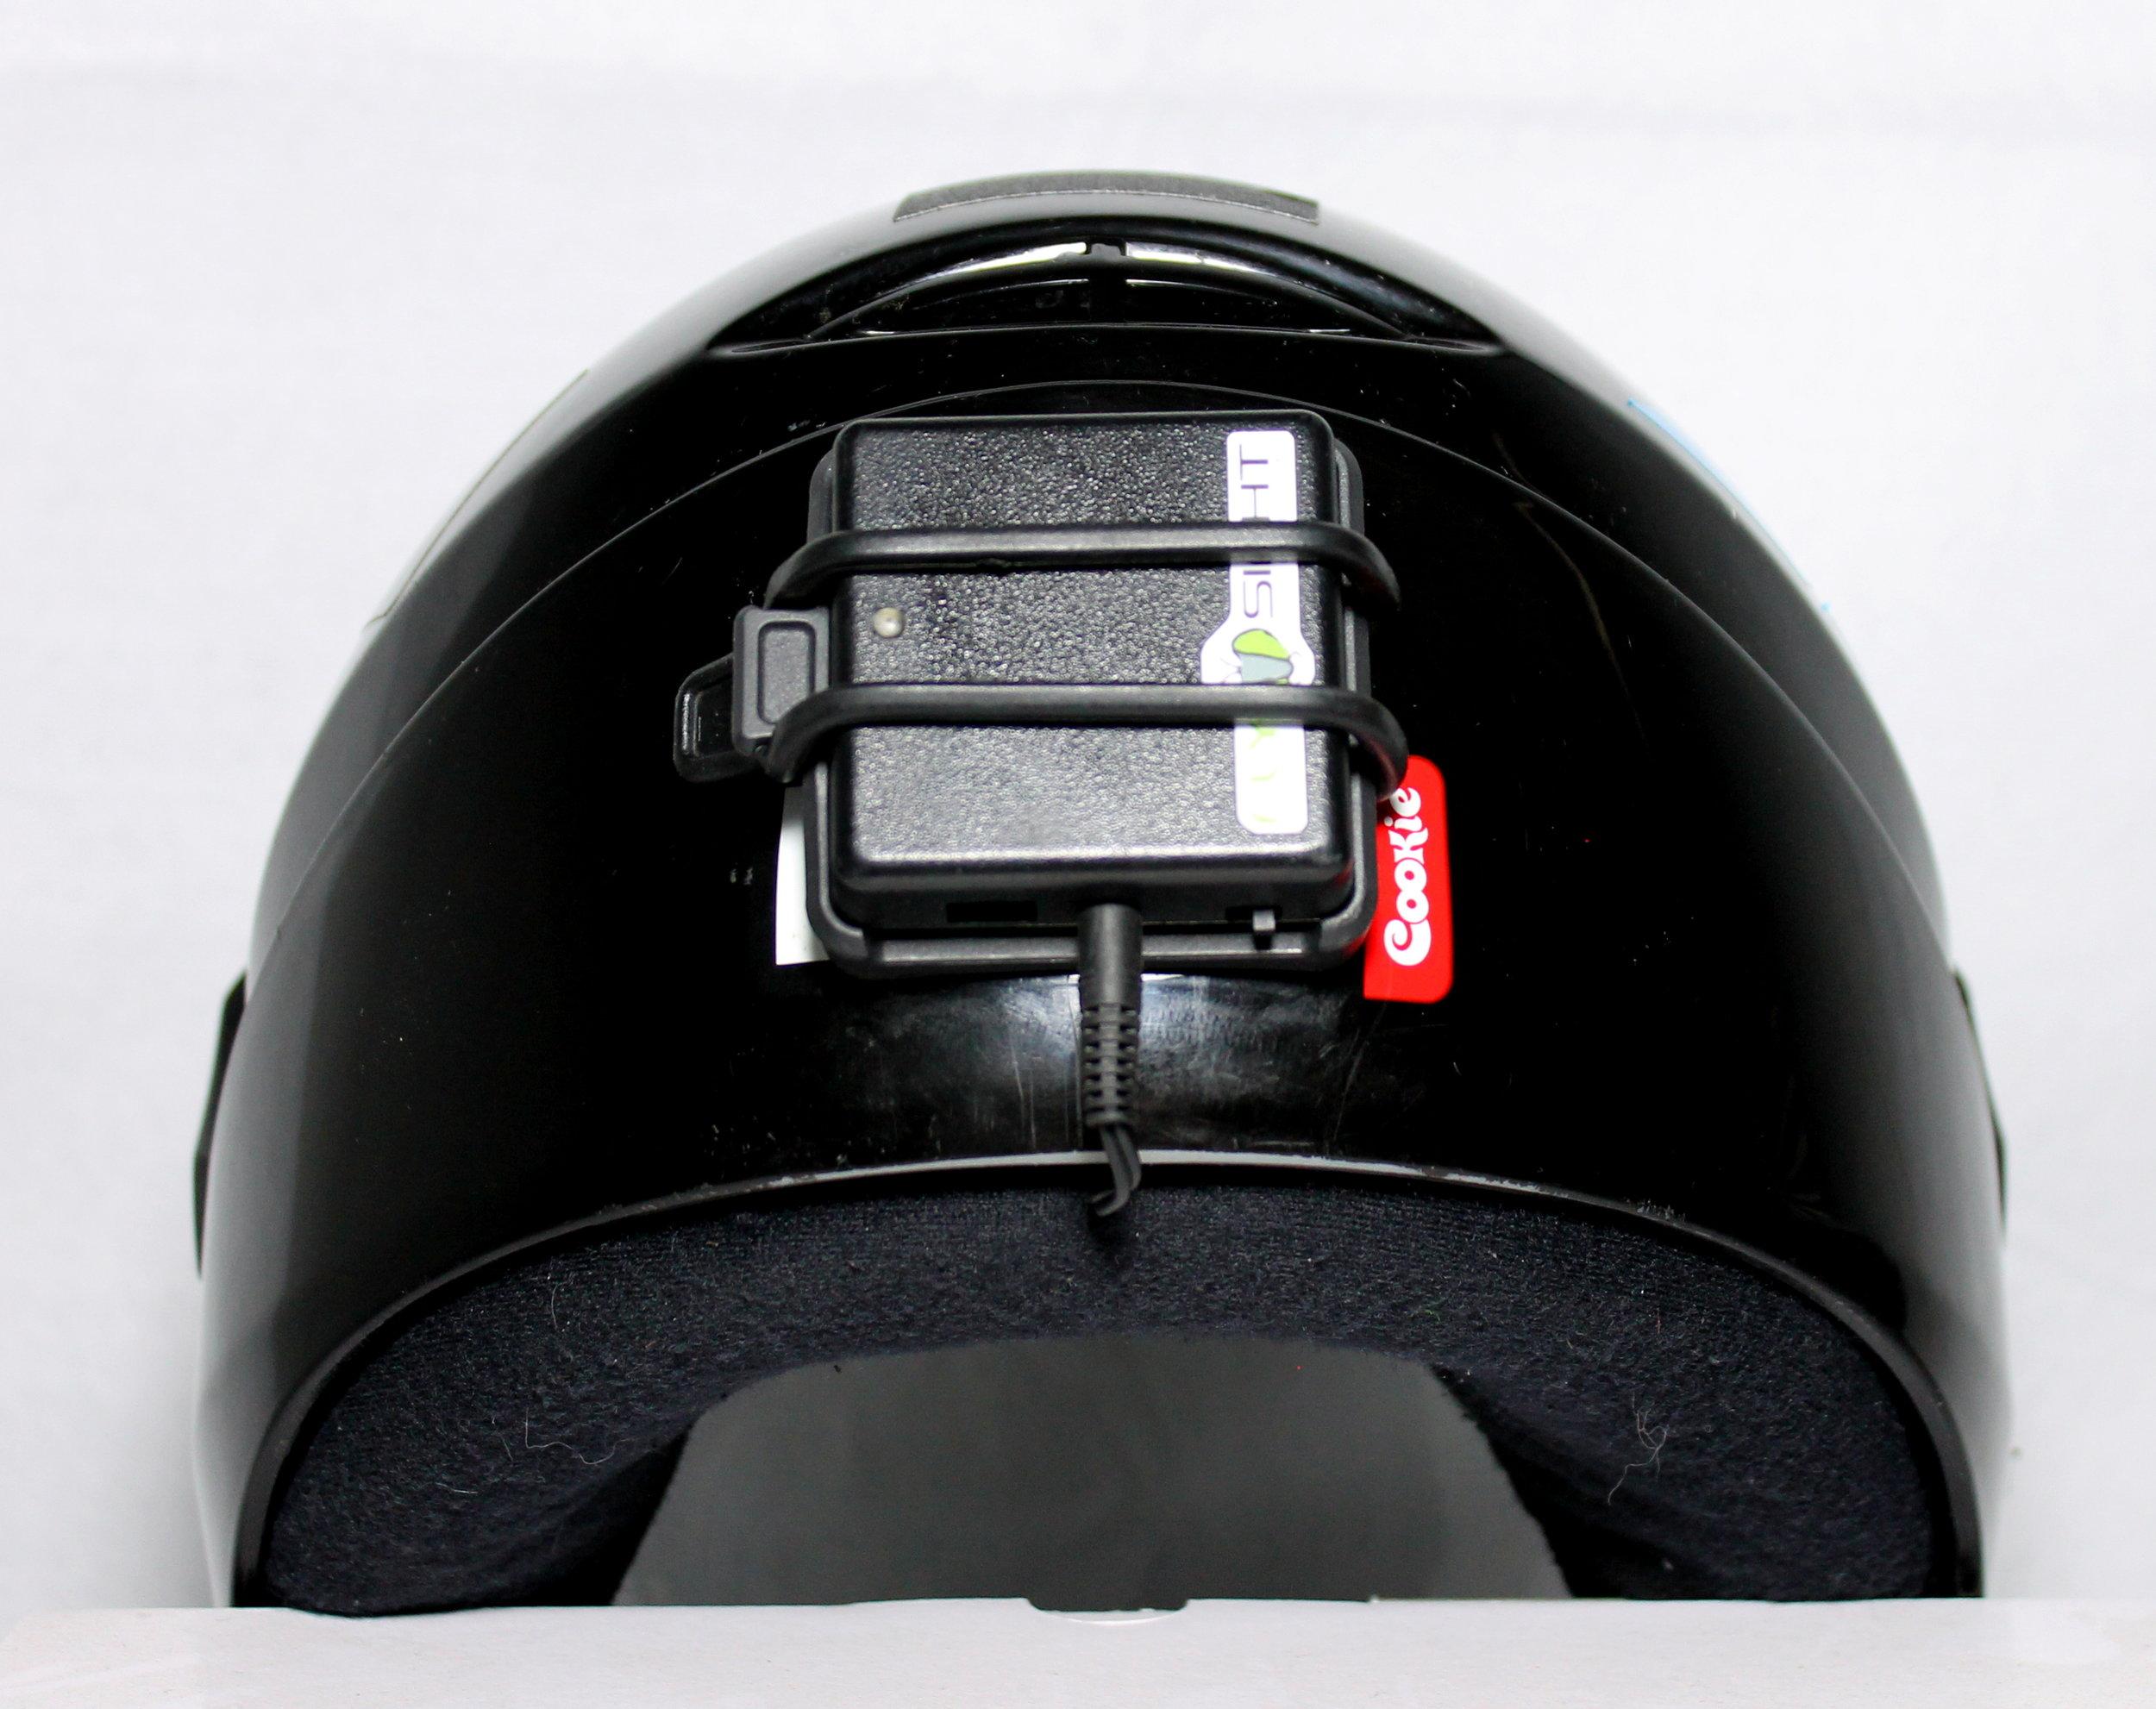 Image 2 mount view.JPG